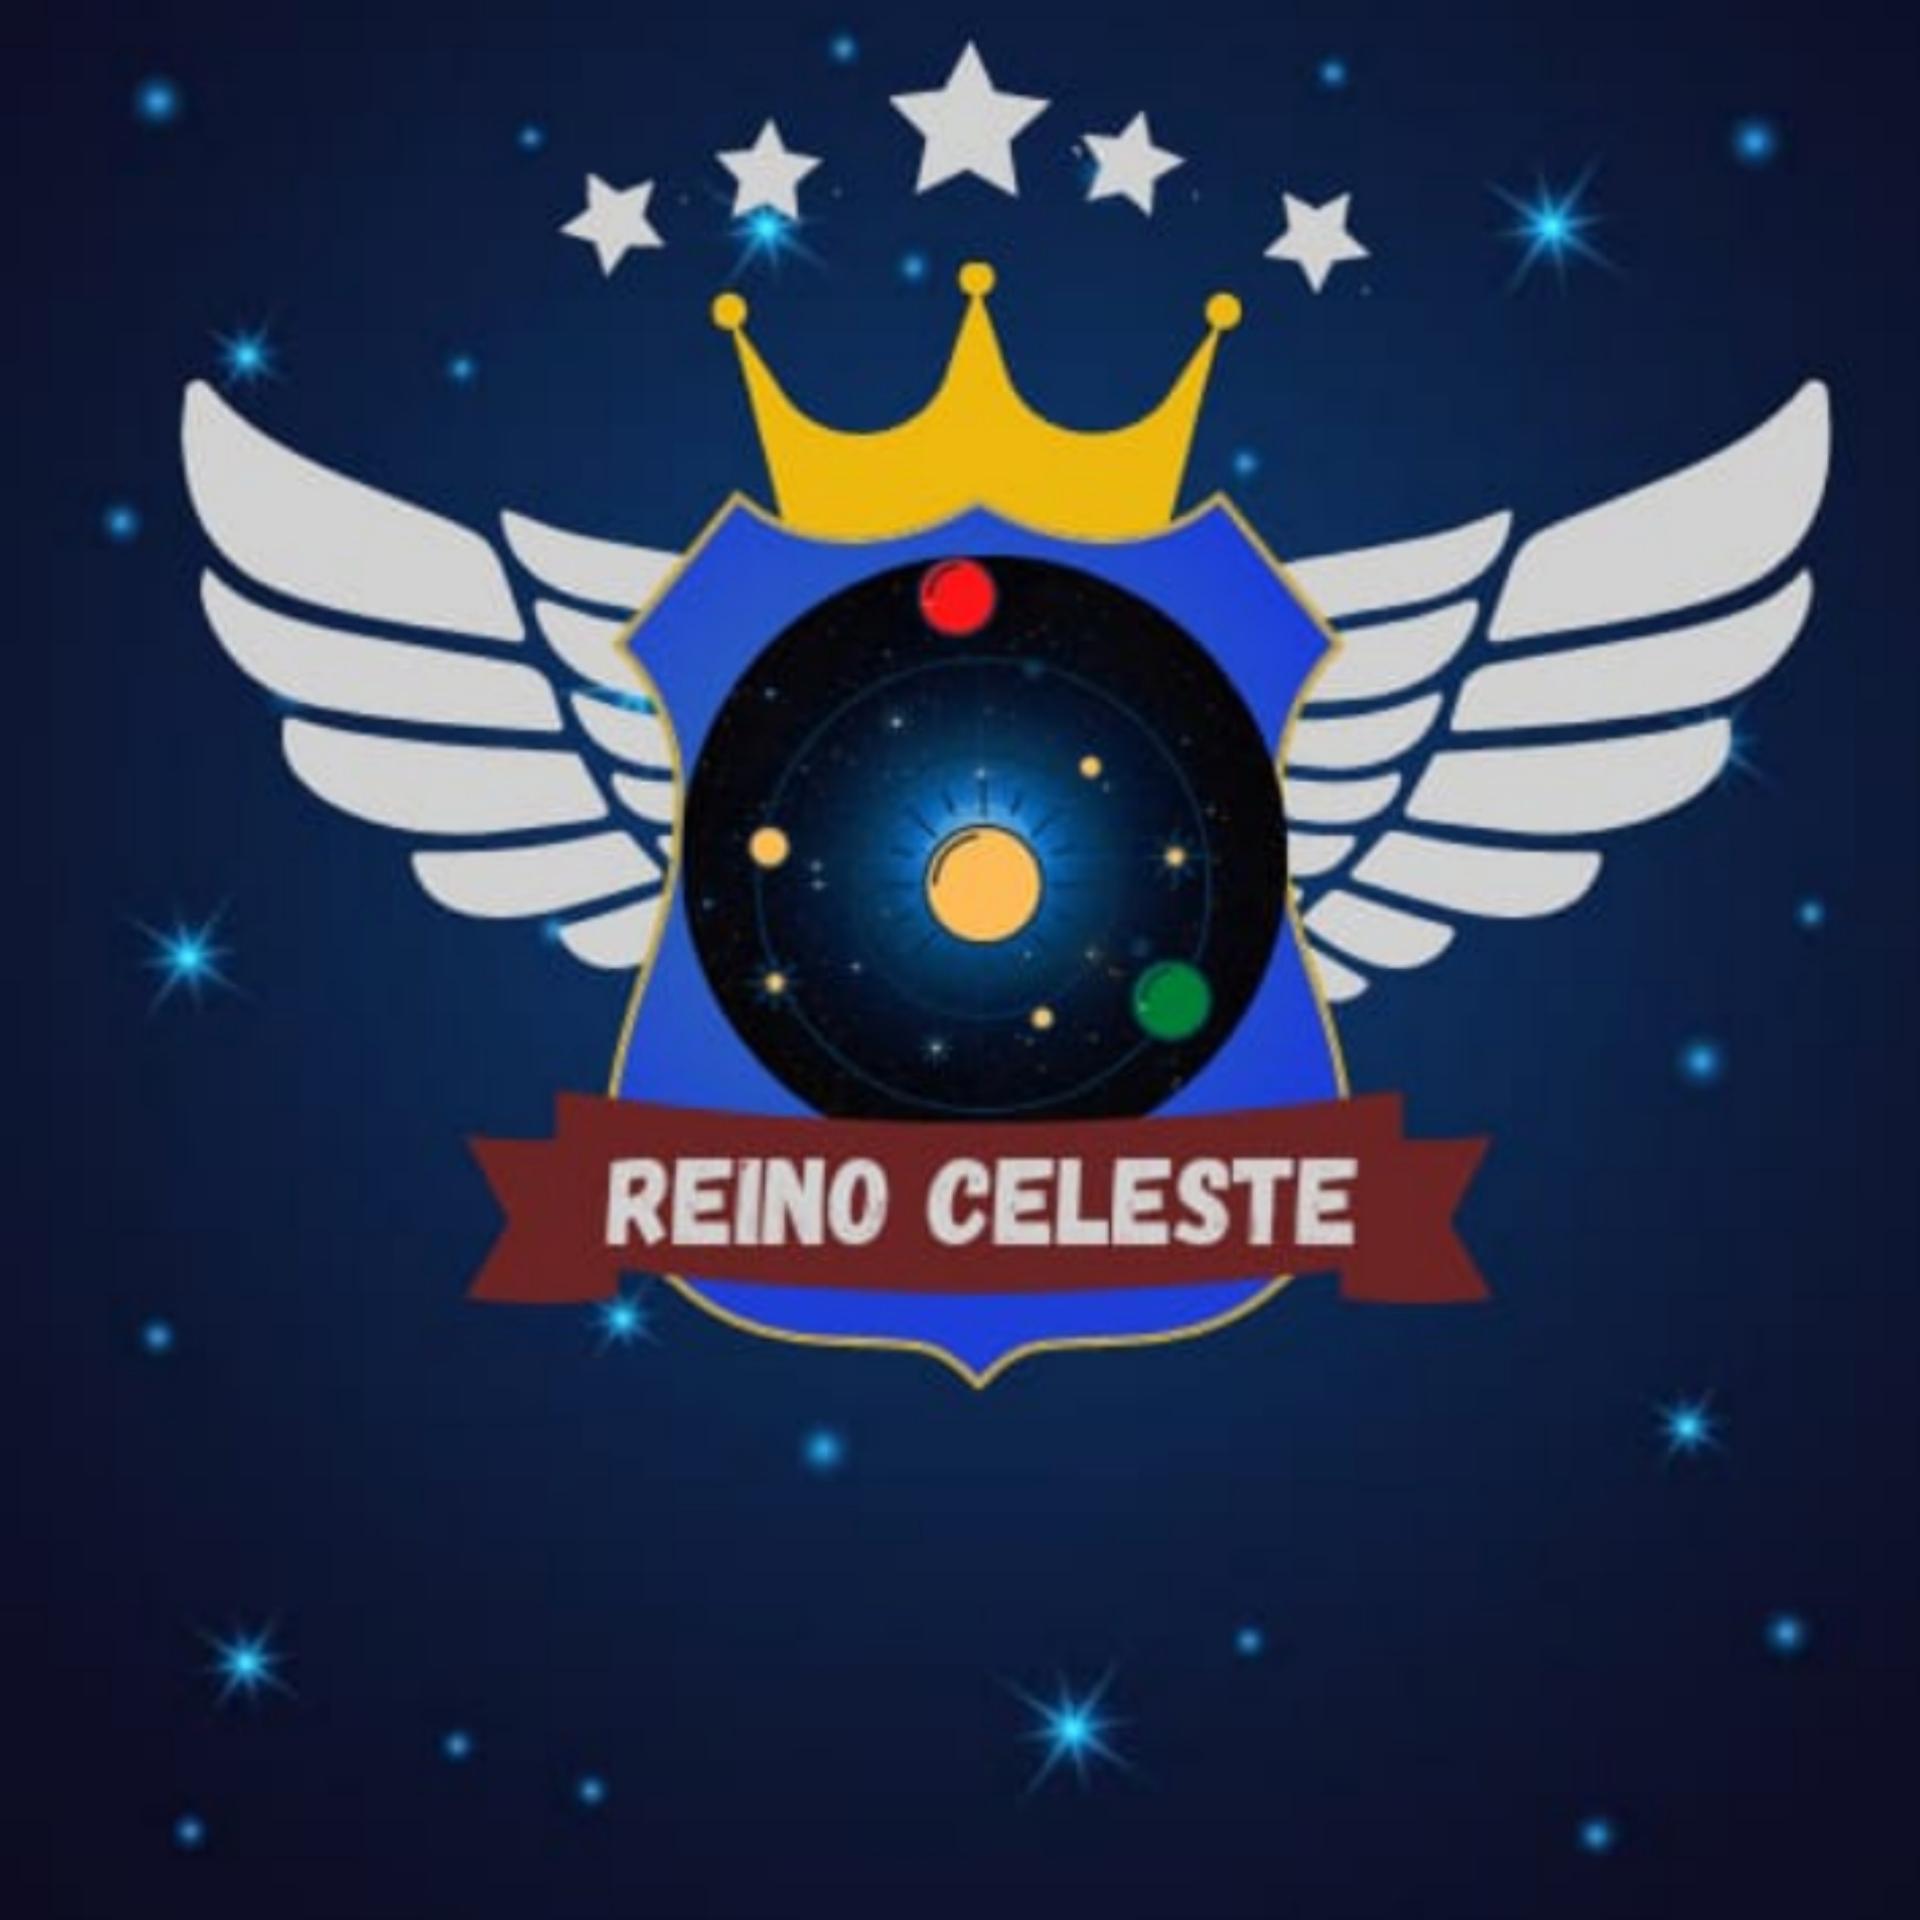 Reino Celeste - AV